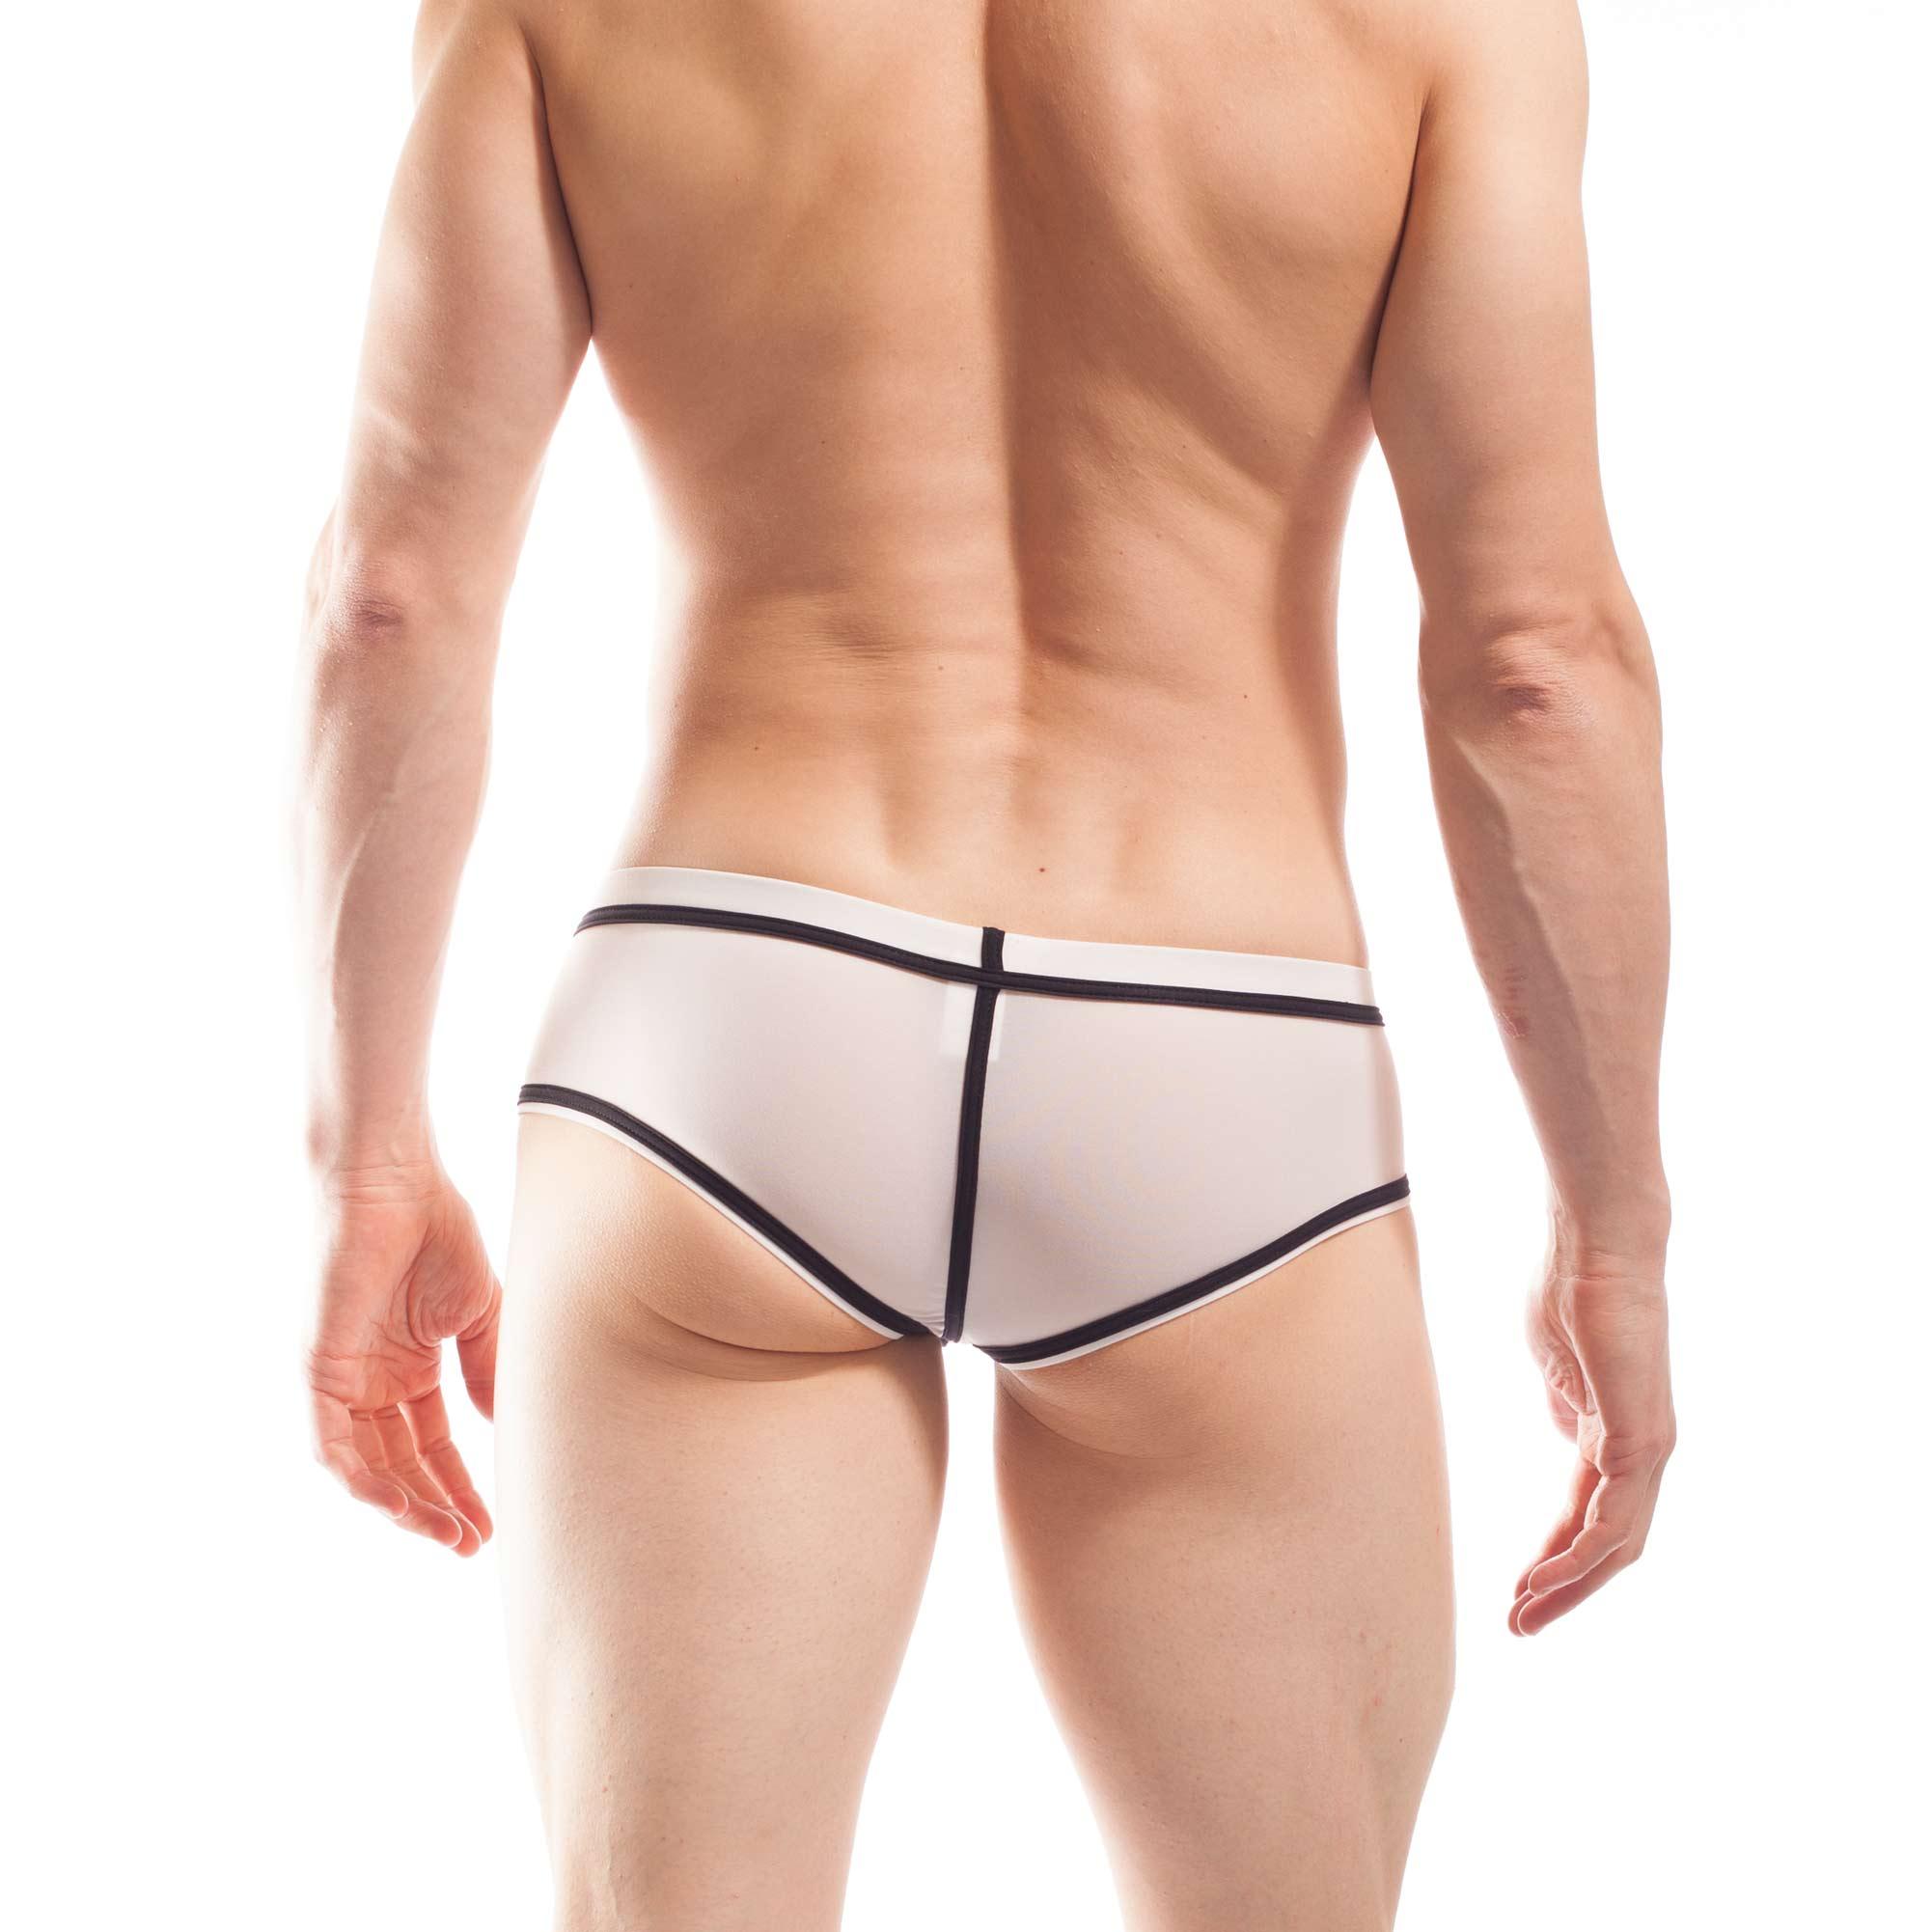 BEUN STRIPE HIPSTER, Pant, Shorts, enganliegende Badehose, Unterhose, swim trunks, kontrast Ränder, schwarze Börtchen, crema, cremefarben, weiss, weiß